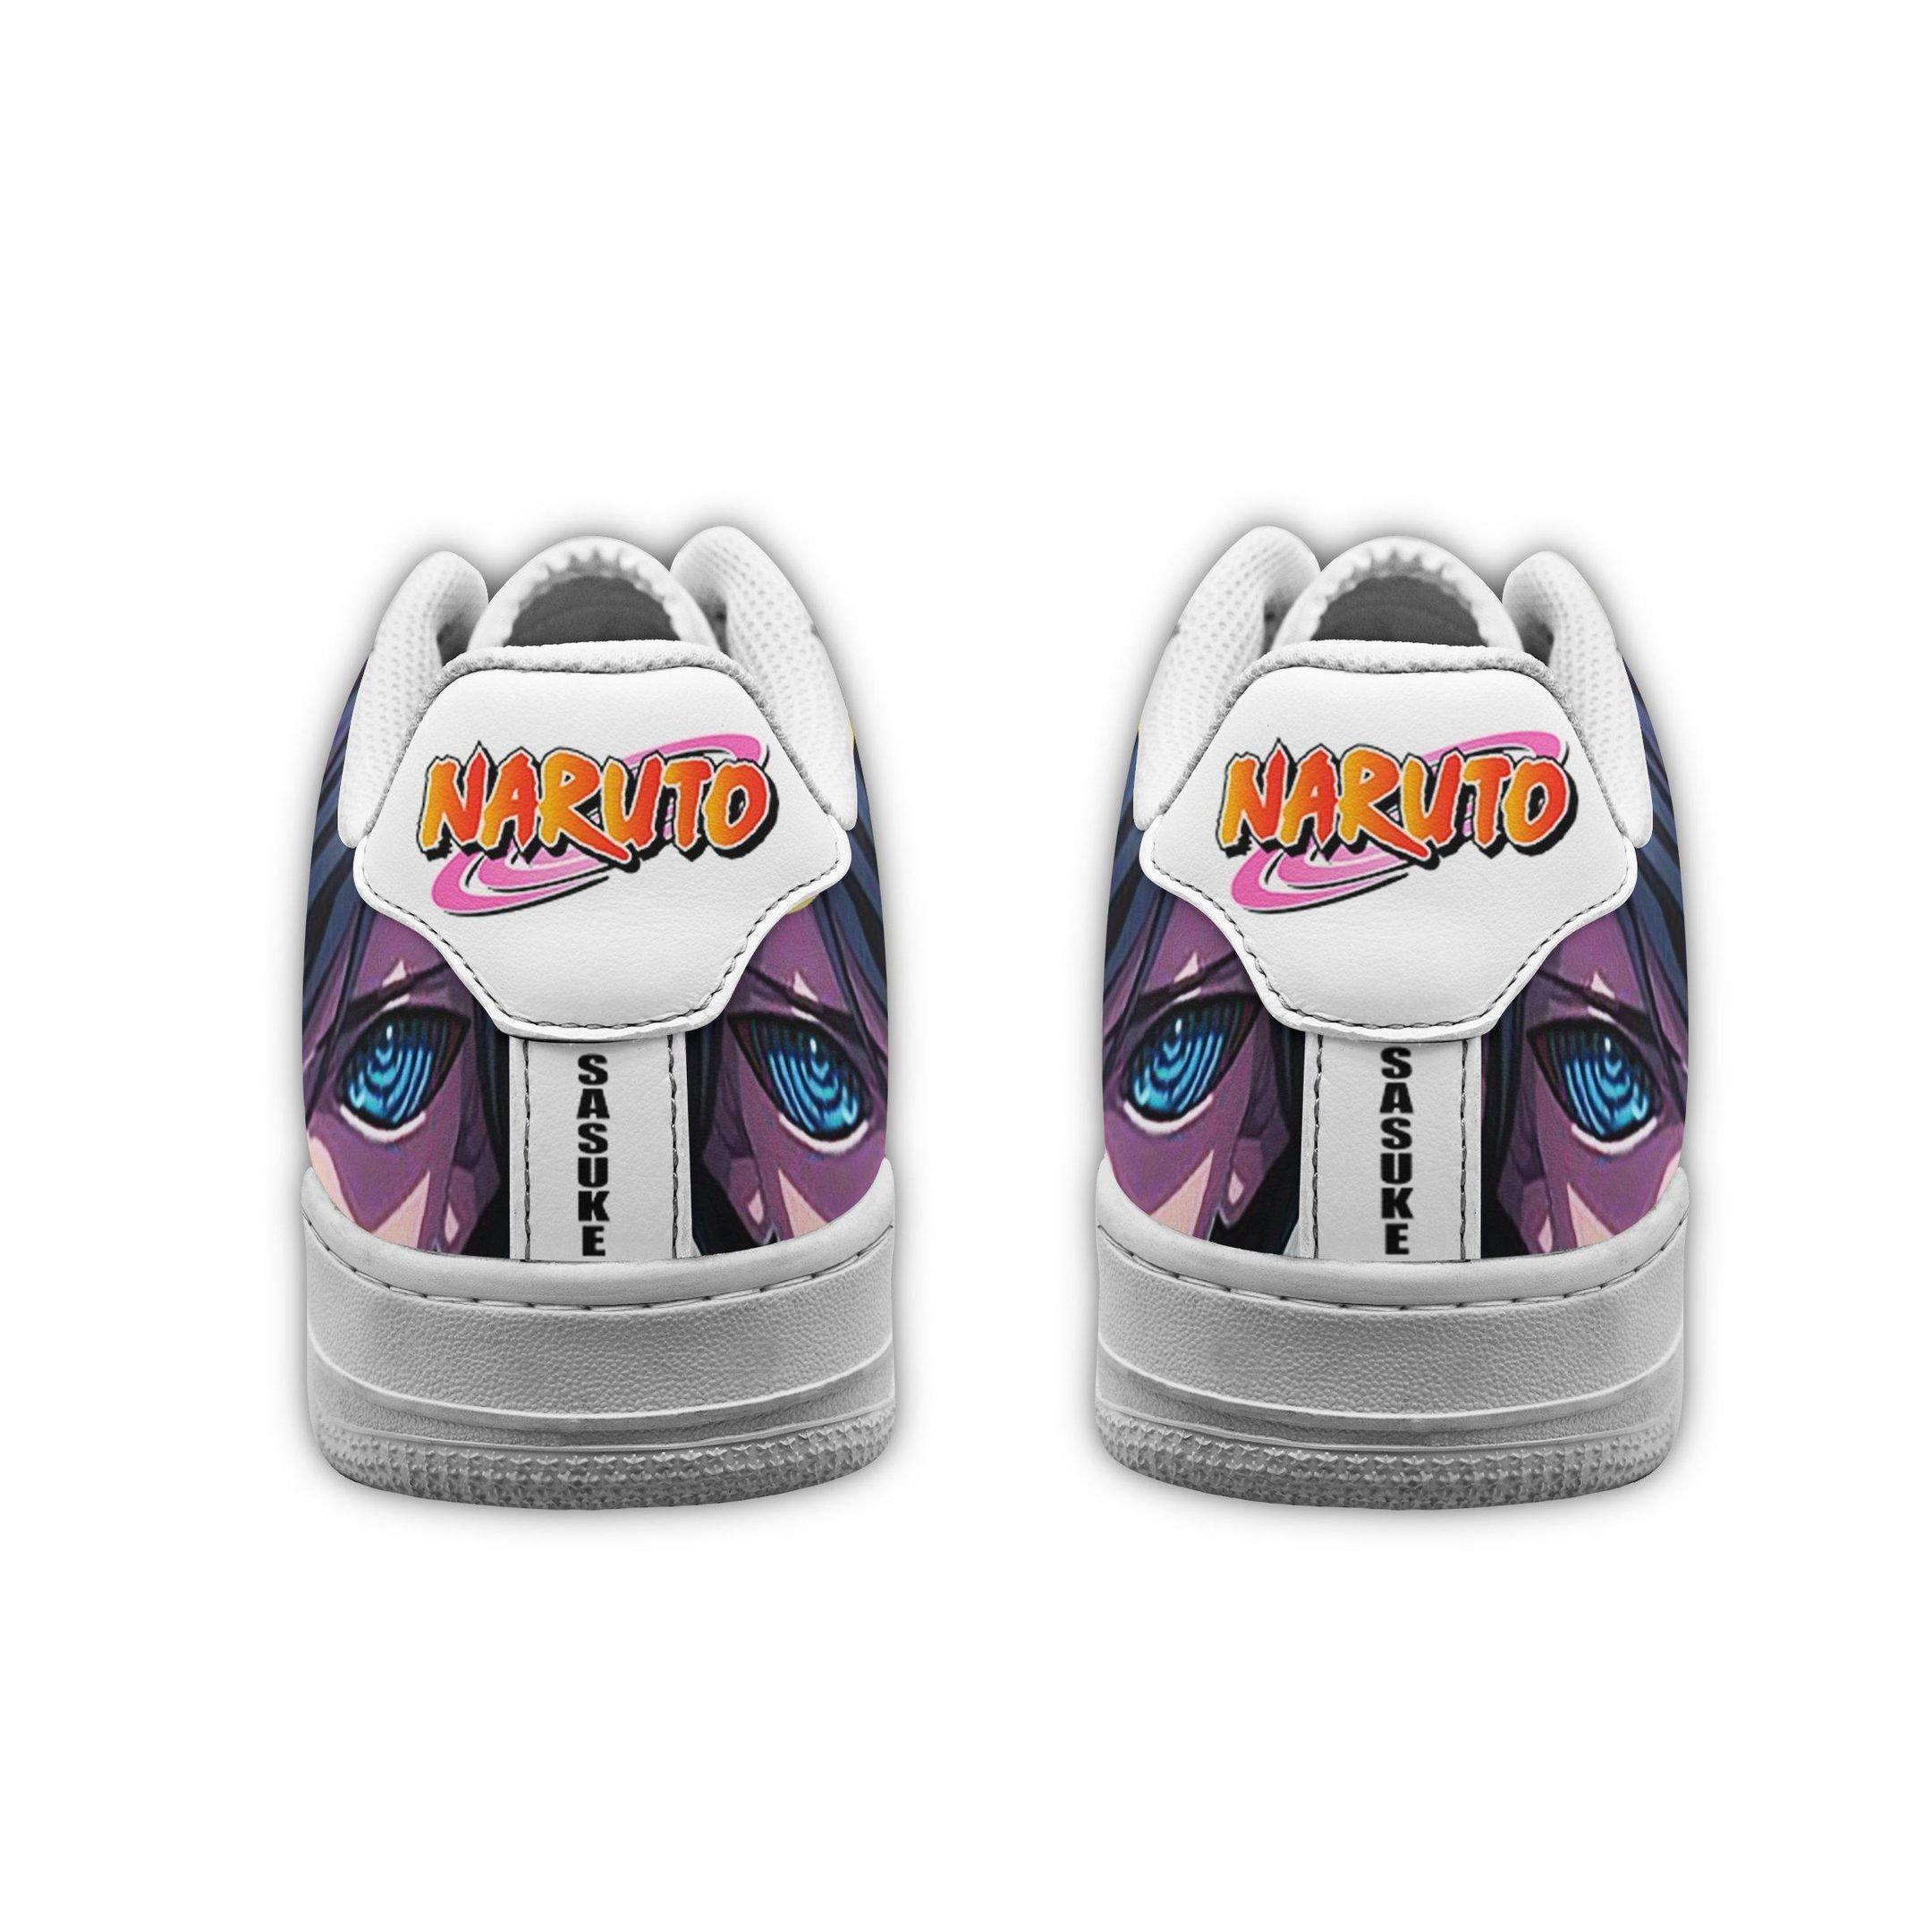 Sasuke Eyes Air Shoes Naruto Anime Shoes Fan Gift GO1012